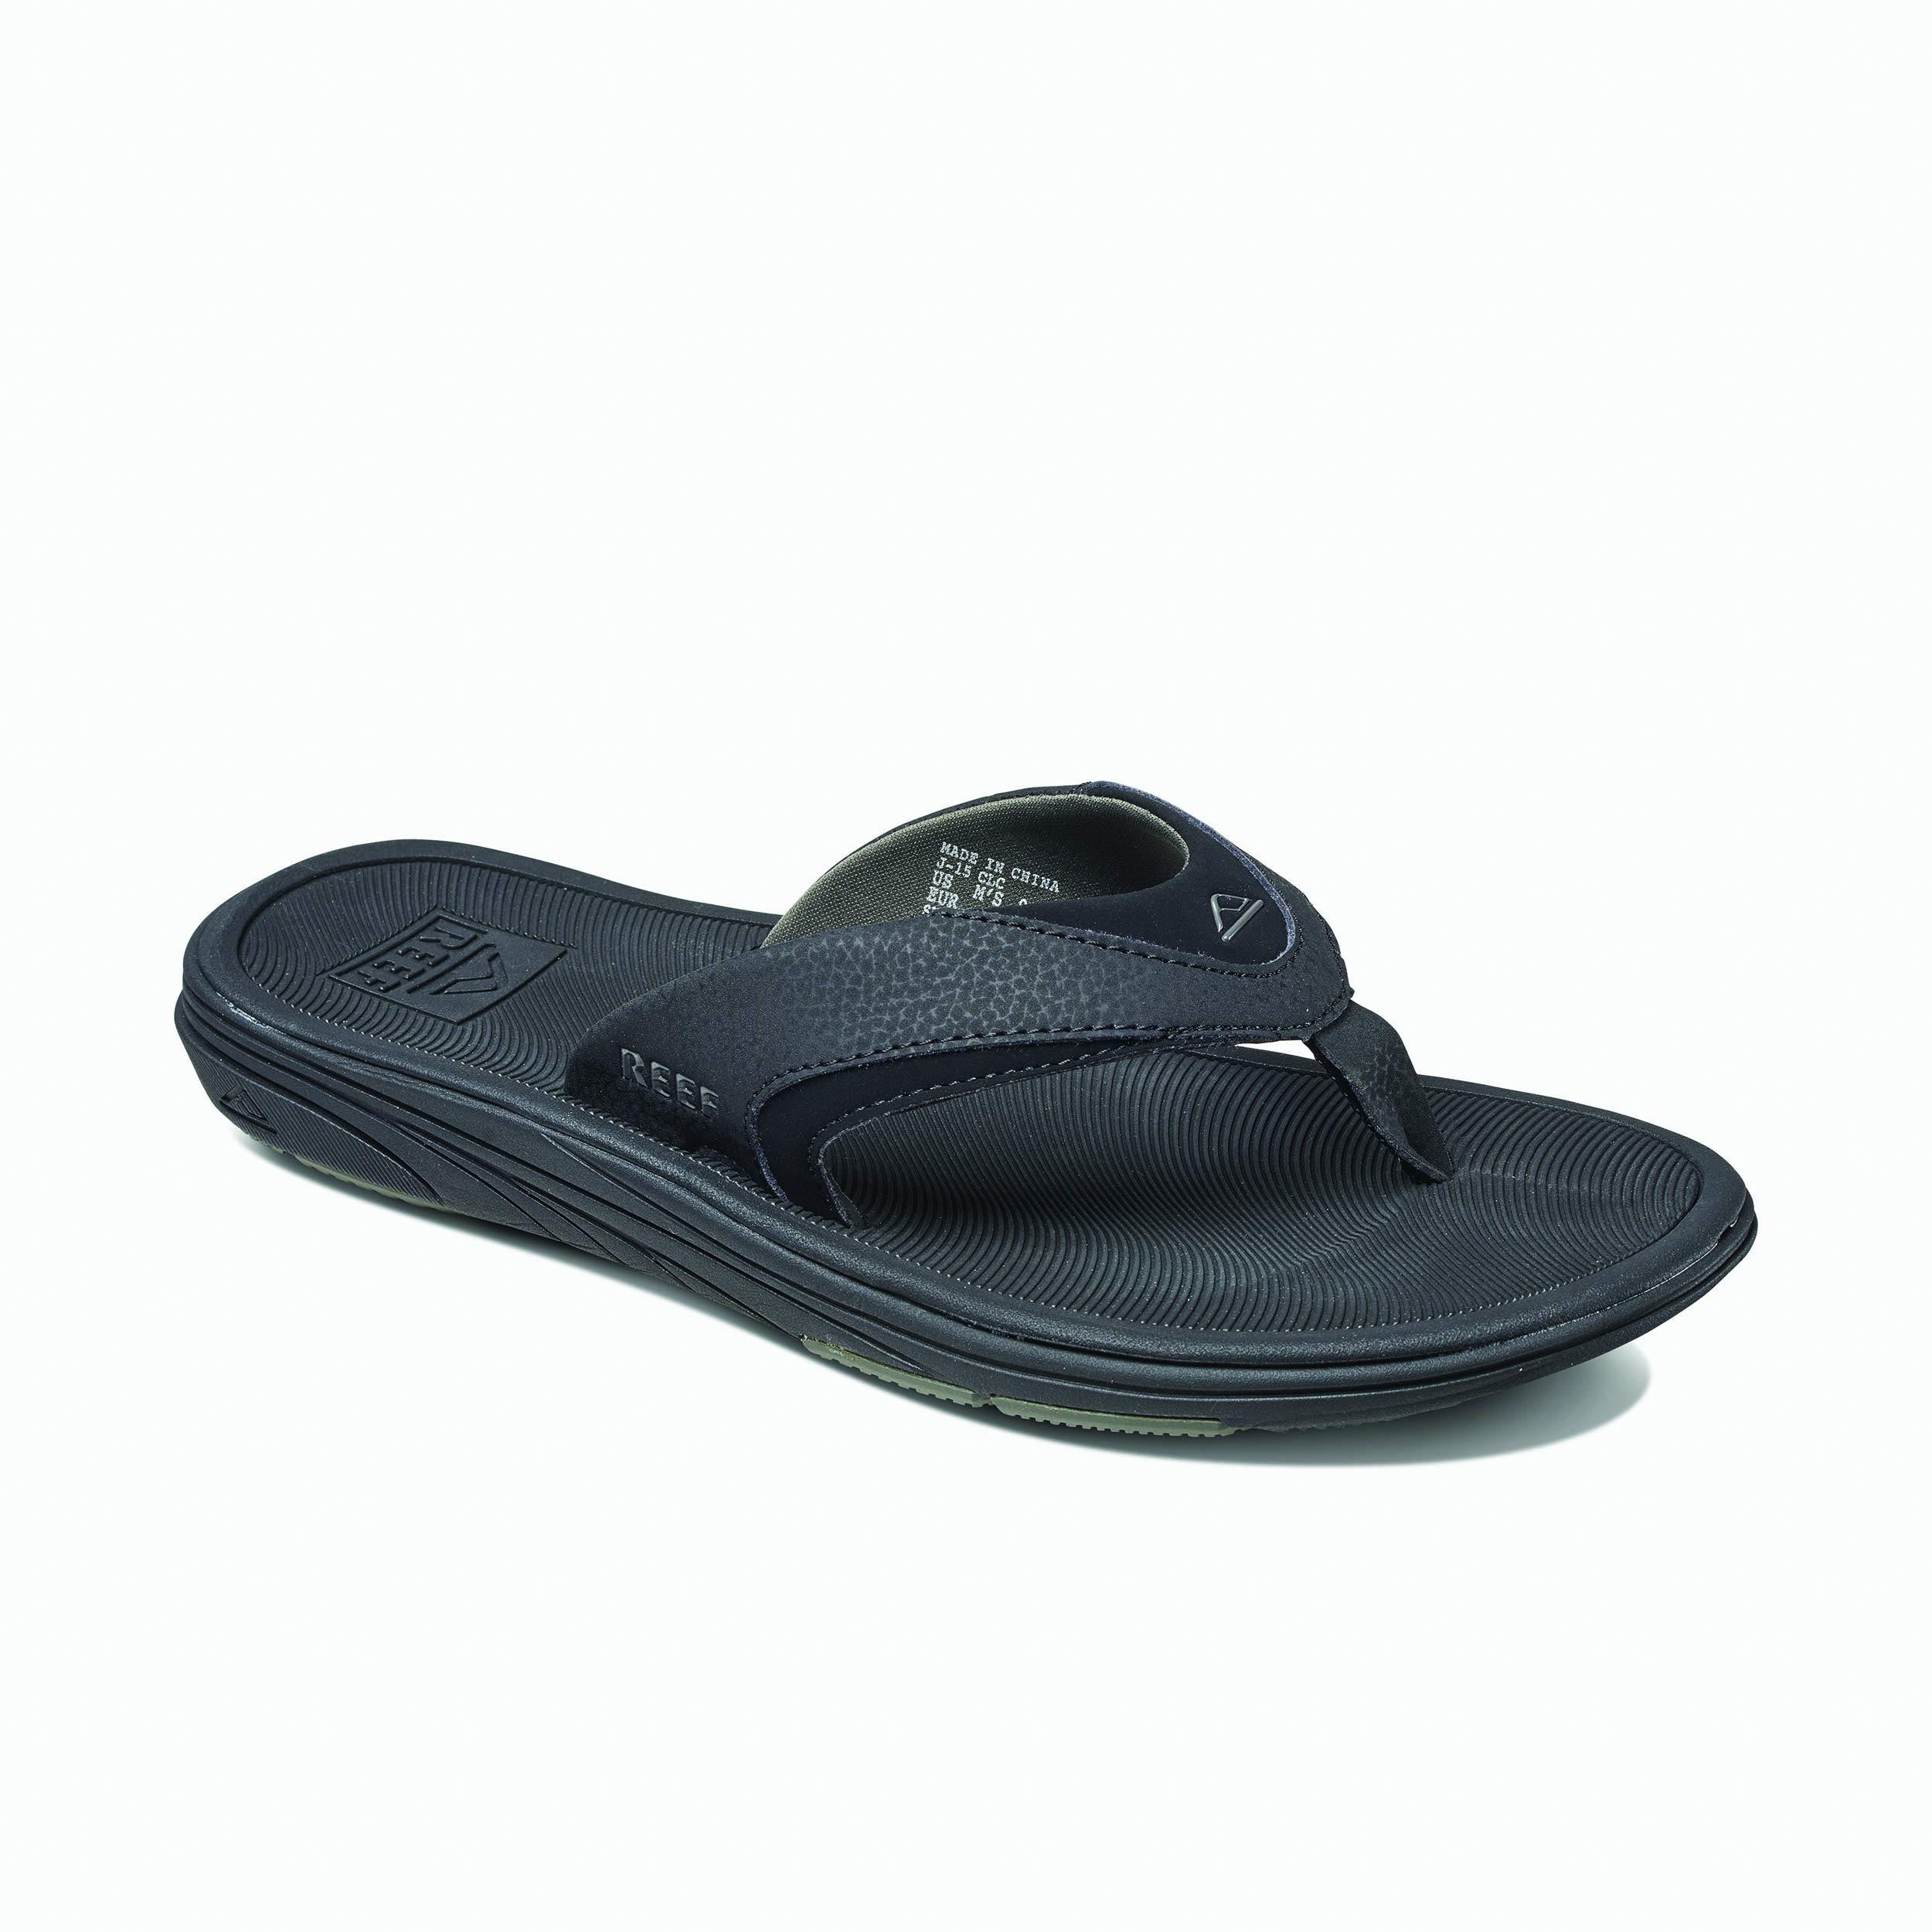 REEF Men's Sandals Modern, Black, 10 by REEF